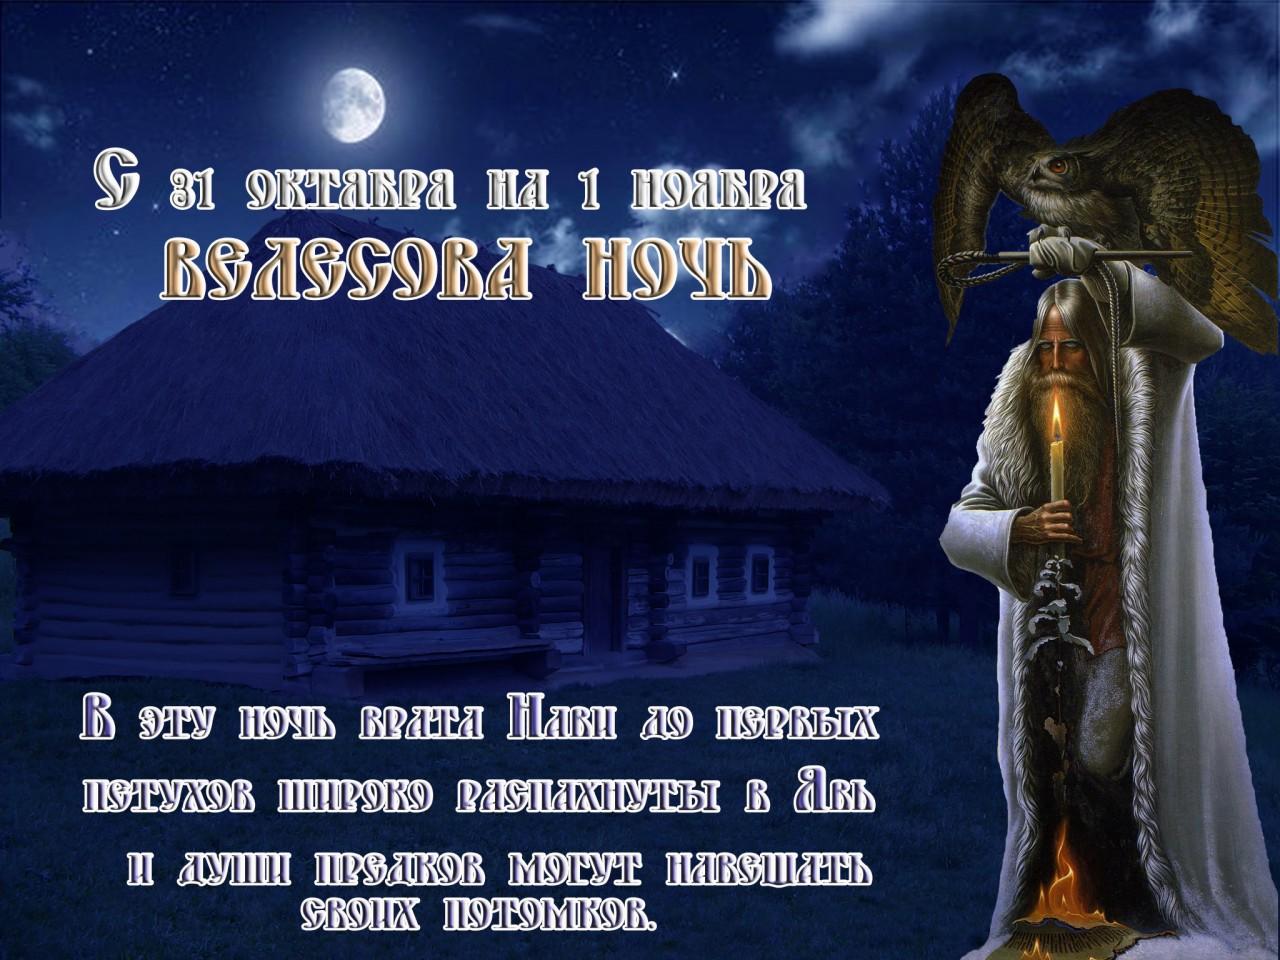 Чародейная Велесова ночь с 31 октября на 1 ноября - как встречать